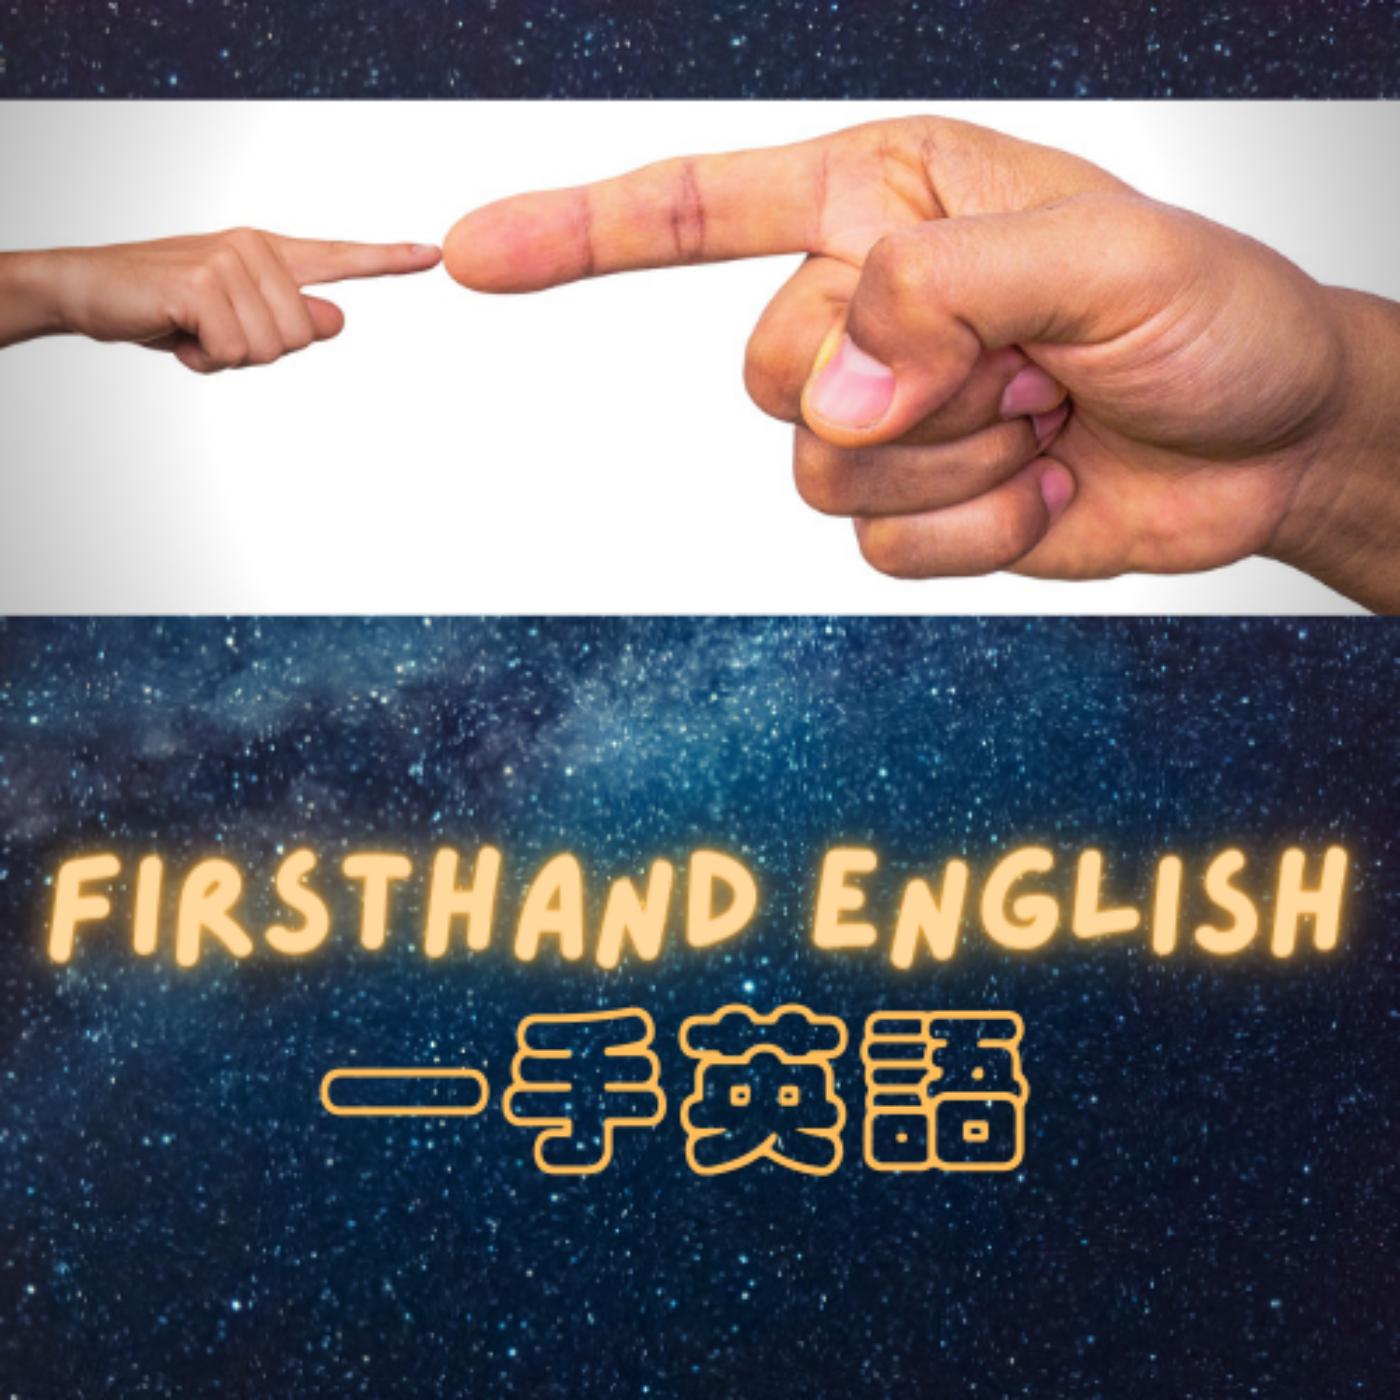 「旅遊泡泡」英文怎麼說?flex office 是什麼? 還有還有... 趕快來學四個台灣人最不會發的音!